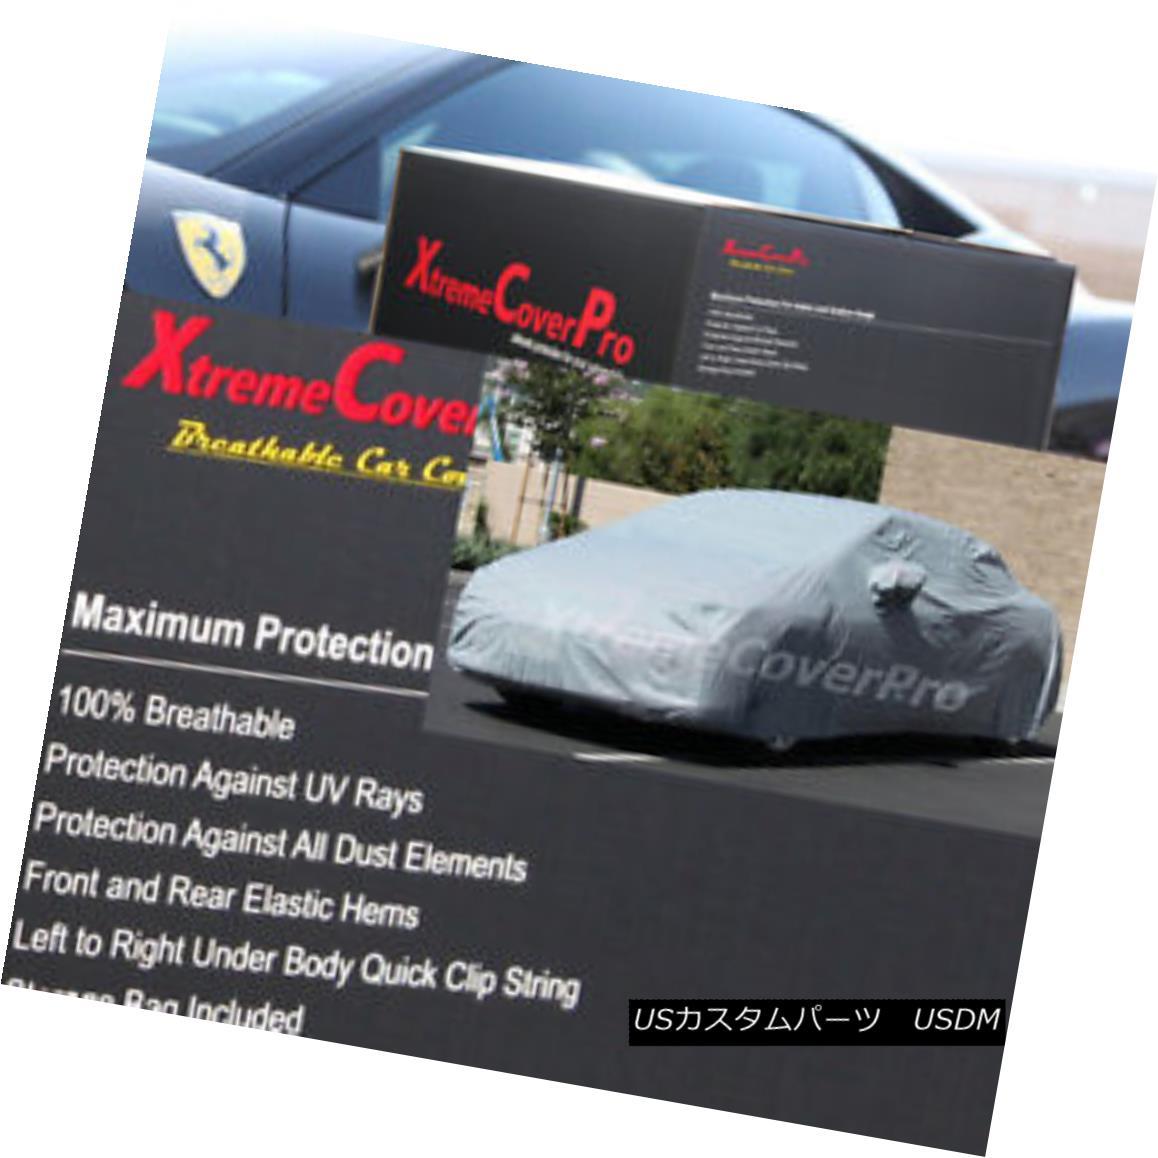 カーカバー 1988 1989 1990 Pontiac Trans Am Breathable Car Cover w/MirrorPocket 1988年1989年1990年ポンティアックトランスAM通気性車カバー付き/ MirrorPocket